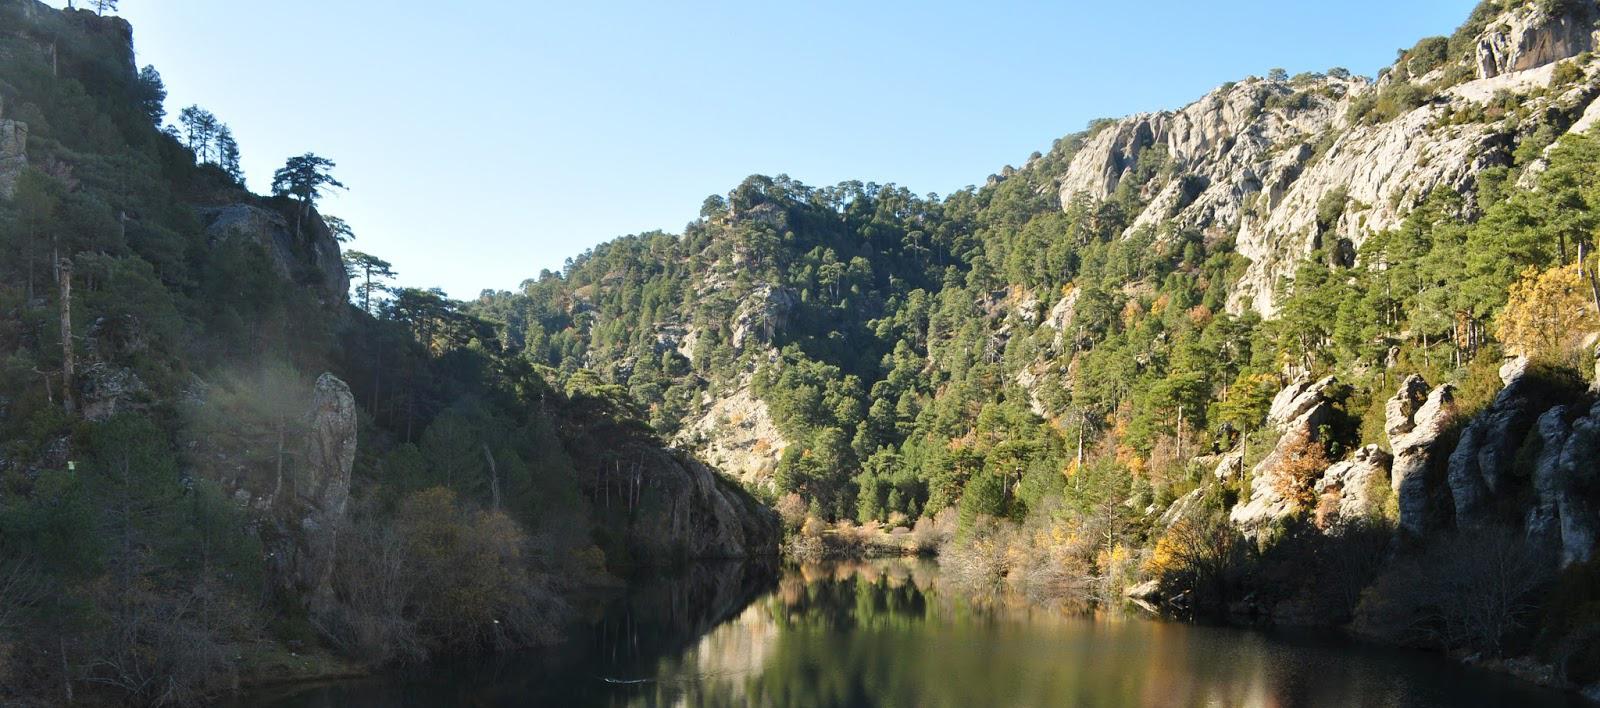 Ruta por la Sierra de Cazorla - 4x4 Etapa 1